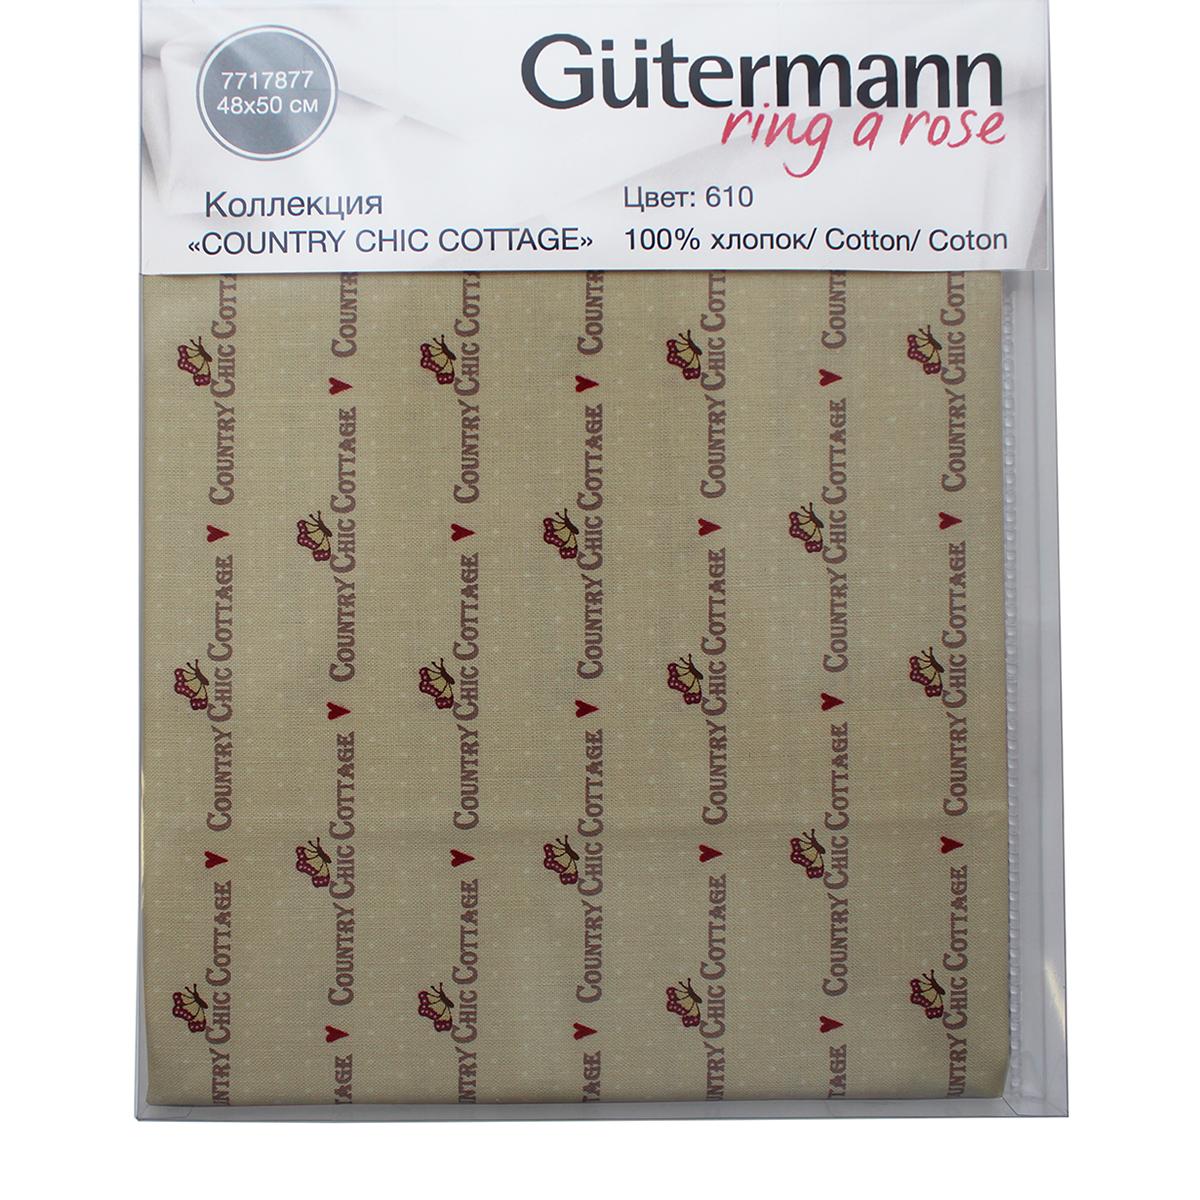 Ткань Gutermann Country Chic Cottage, 48 х 50 см. 649384_610C0042416Хлопковая ткань от Gutermann (Гутерманн) выполнена из 100% натурального материала, идеально подойдет для шитья одежды, постельного белья, декорирования. Ткань не линяет, не осыпается по краям и не дает усадки.